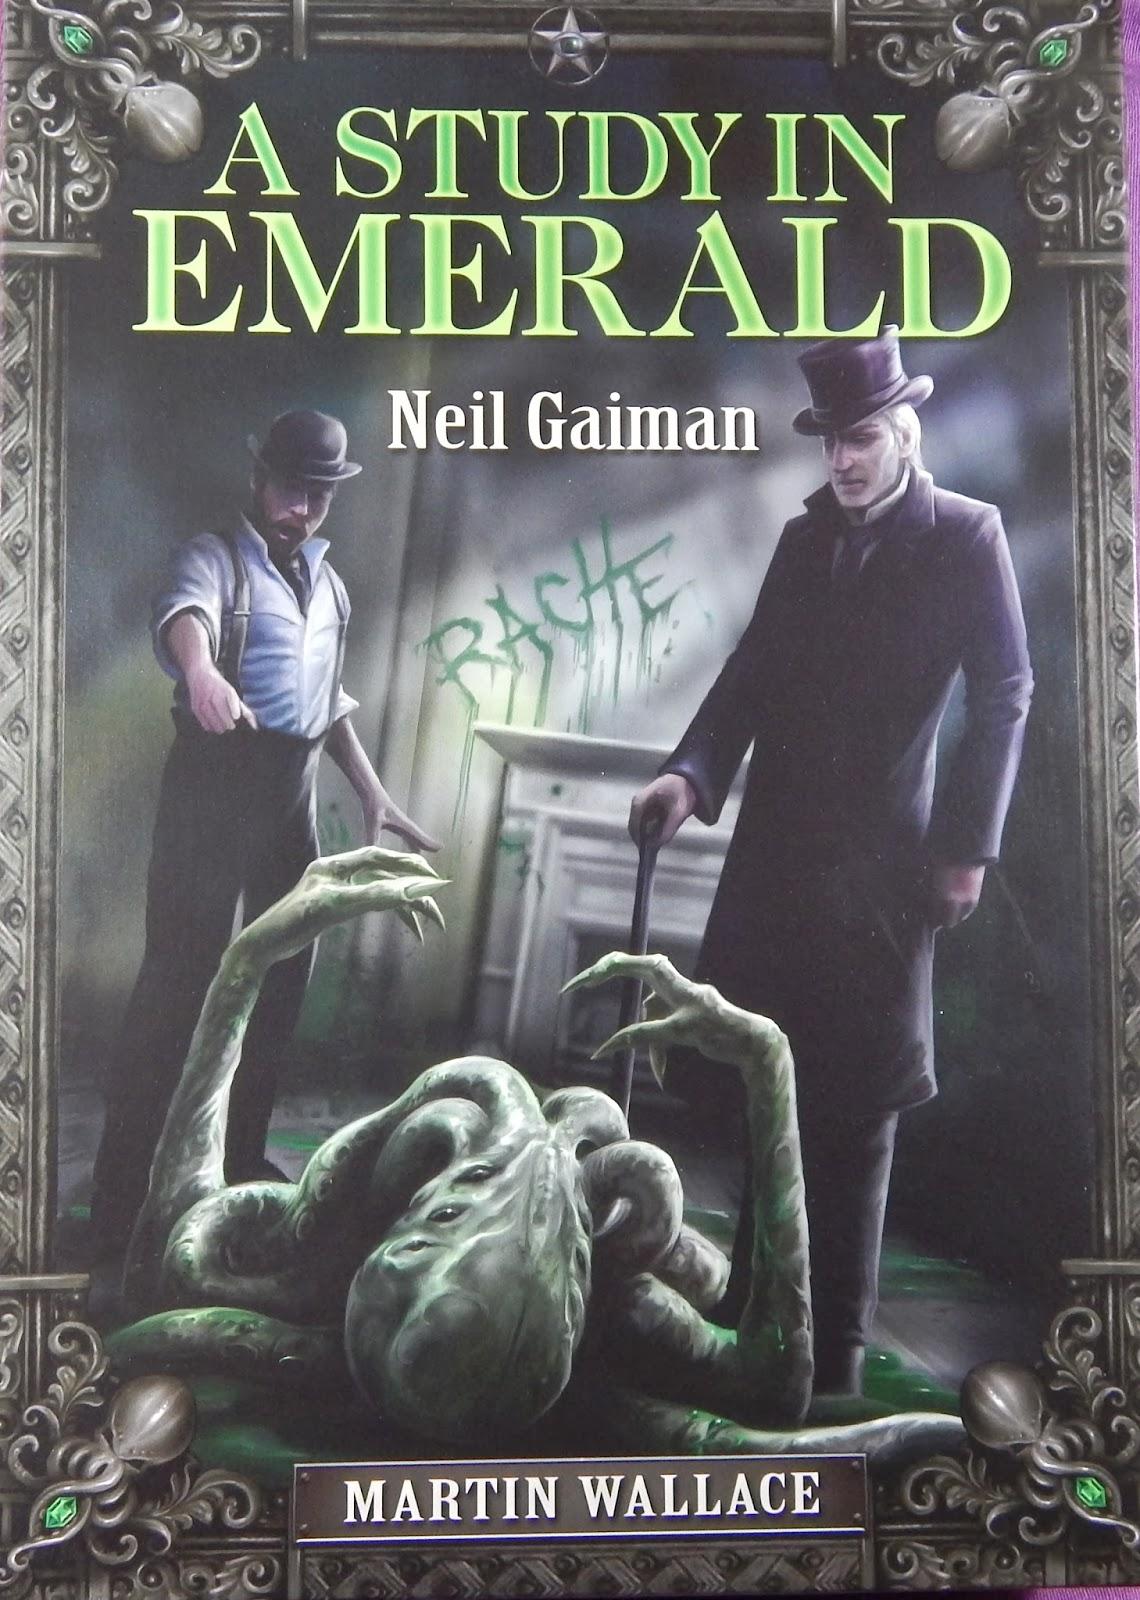 A Study in Emerald - Wikipedia